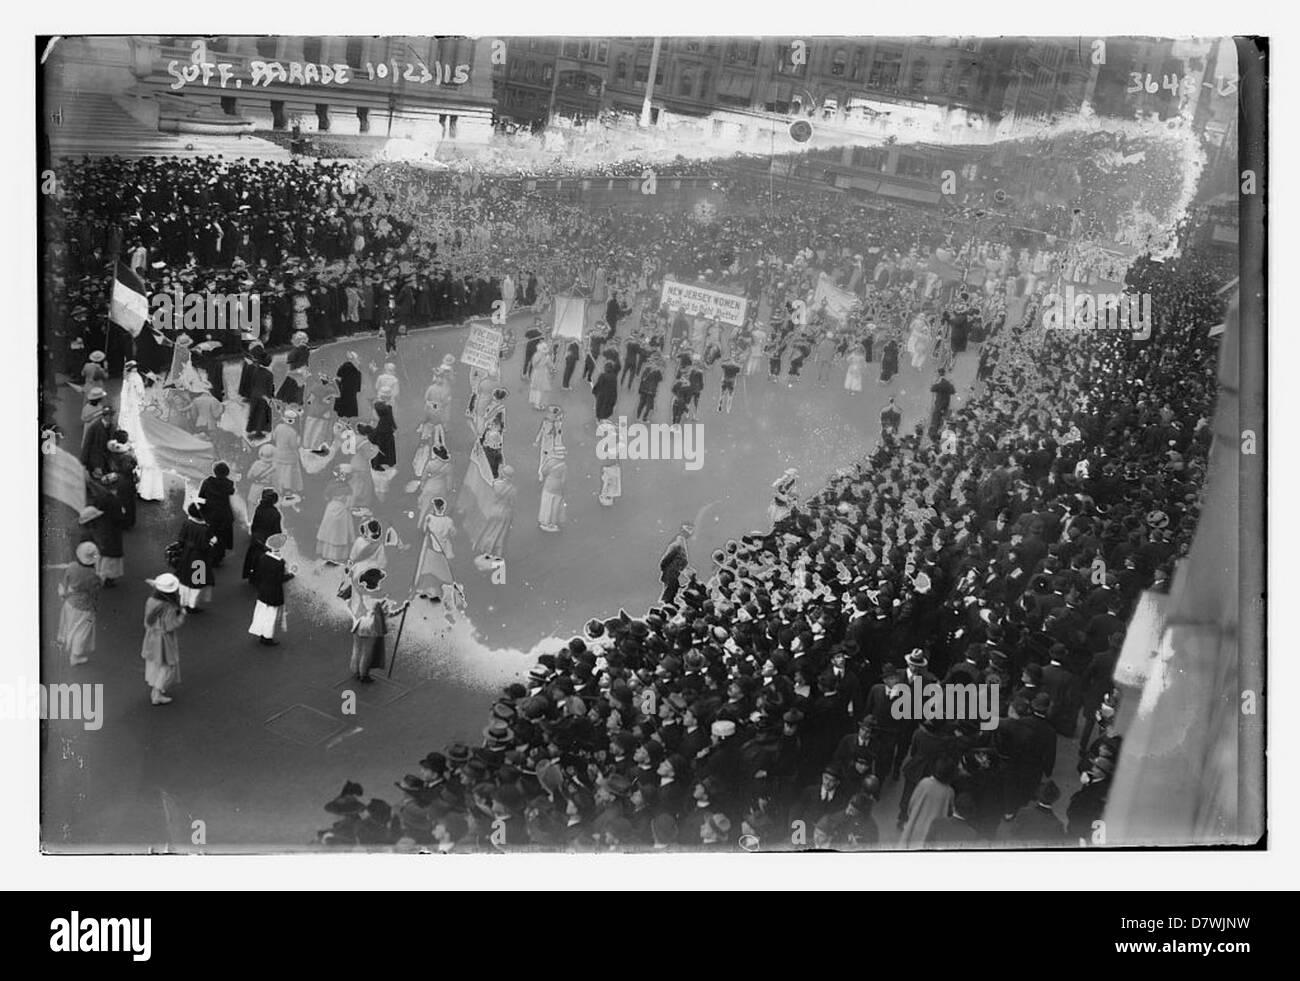 Suff. Parade, 10/23/15 (LOC) - Stock Image